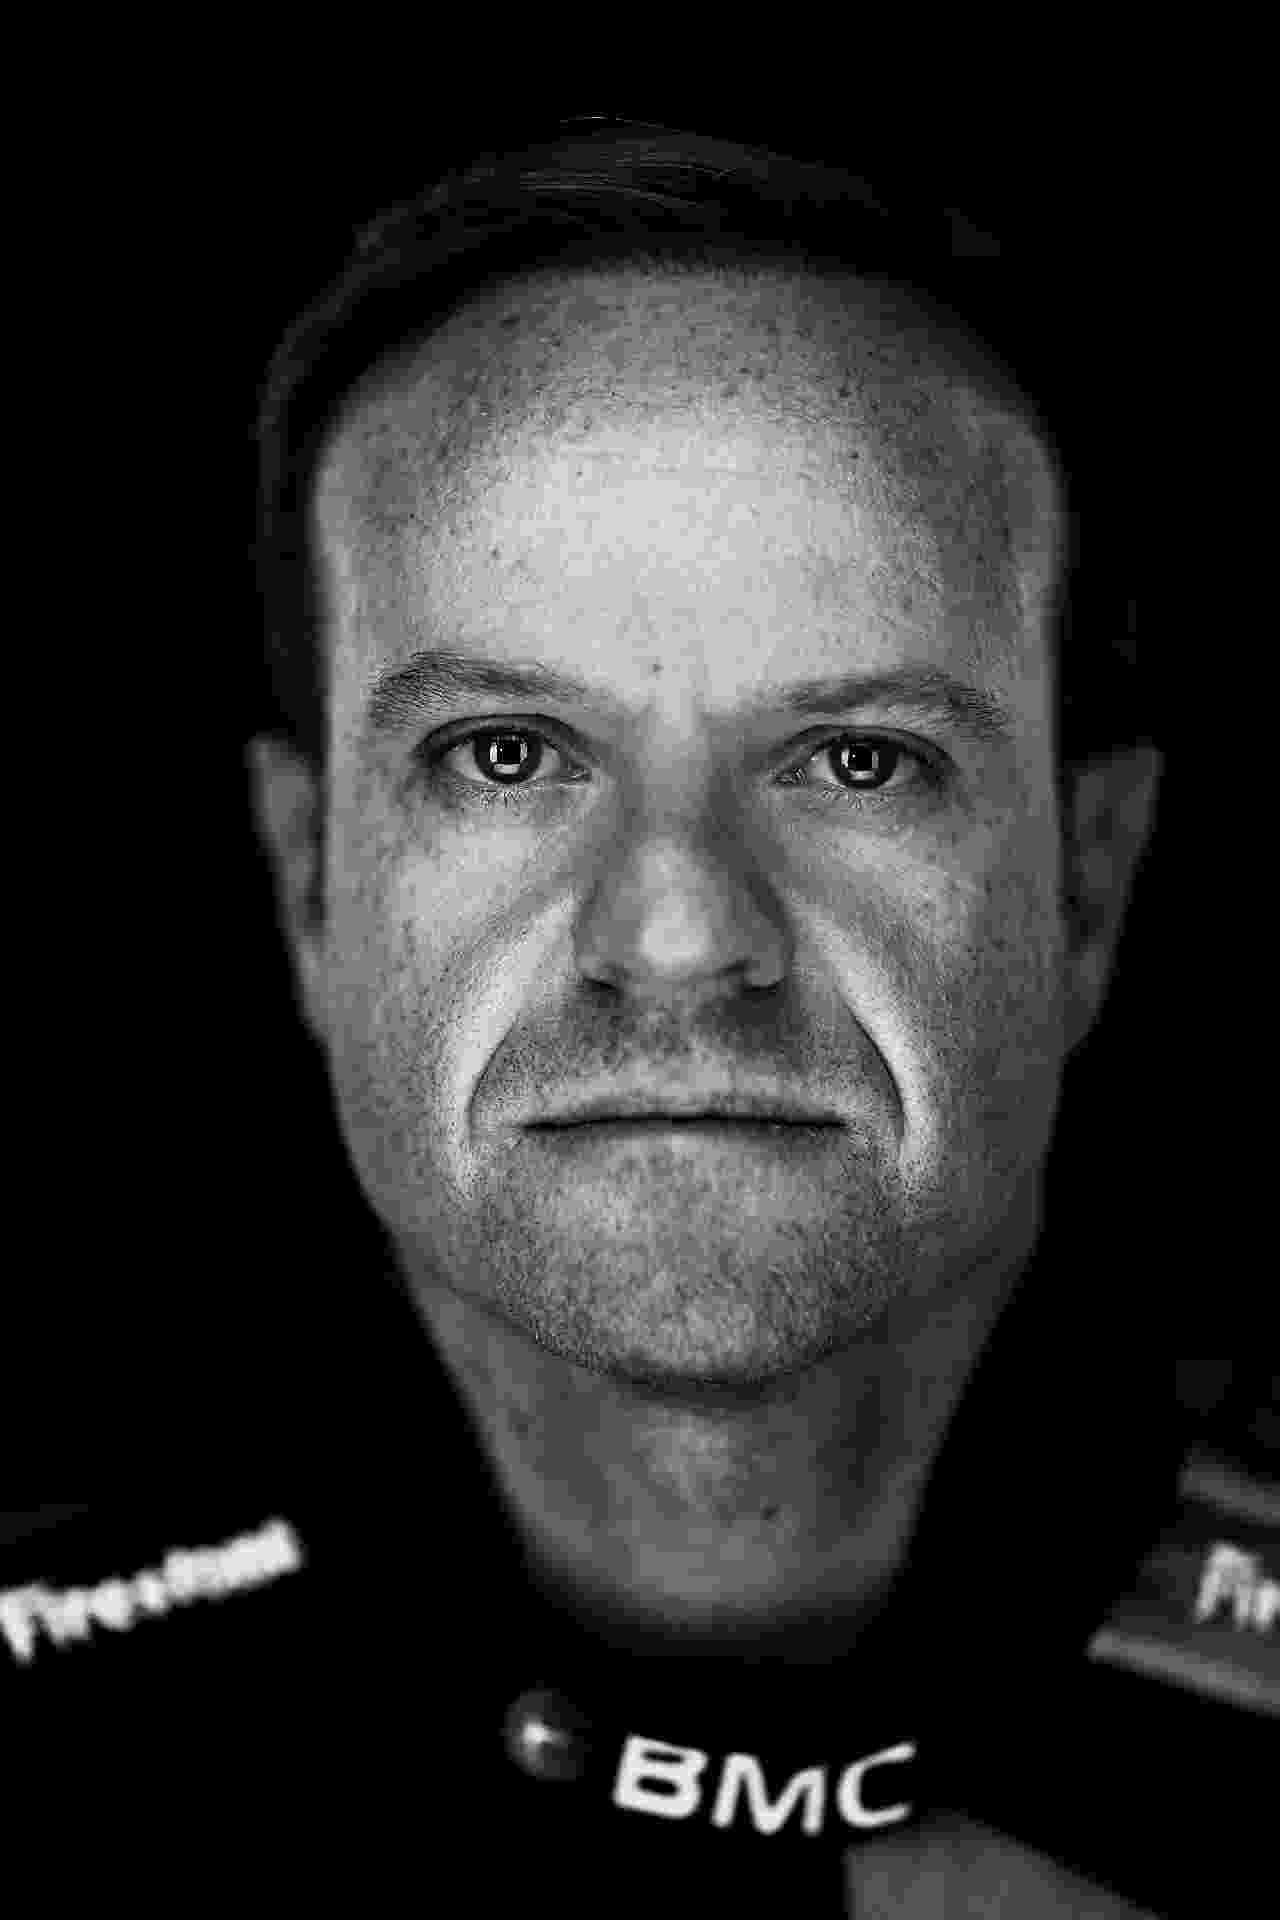 Rubens Barrichello em 2012 - undefined